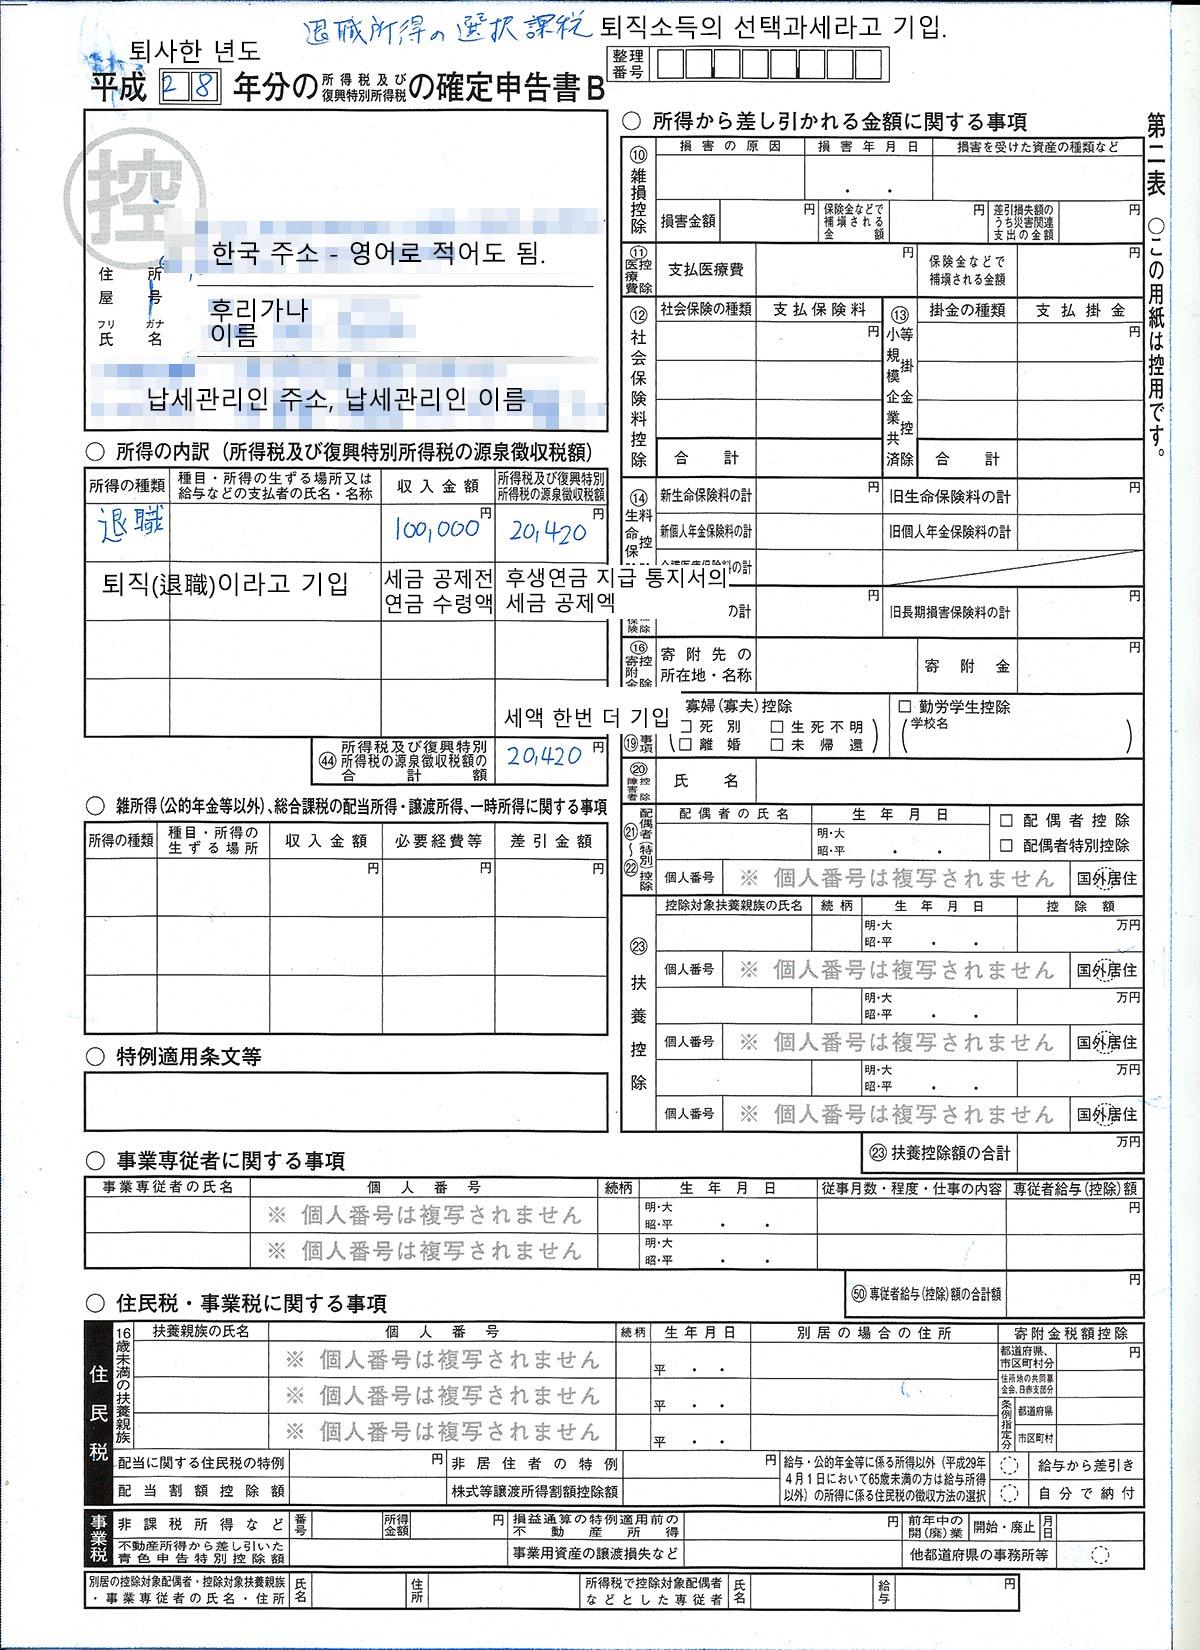 일본 퇴직소득의 선택과세 확정신고서 B - 2면